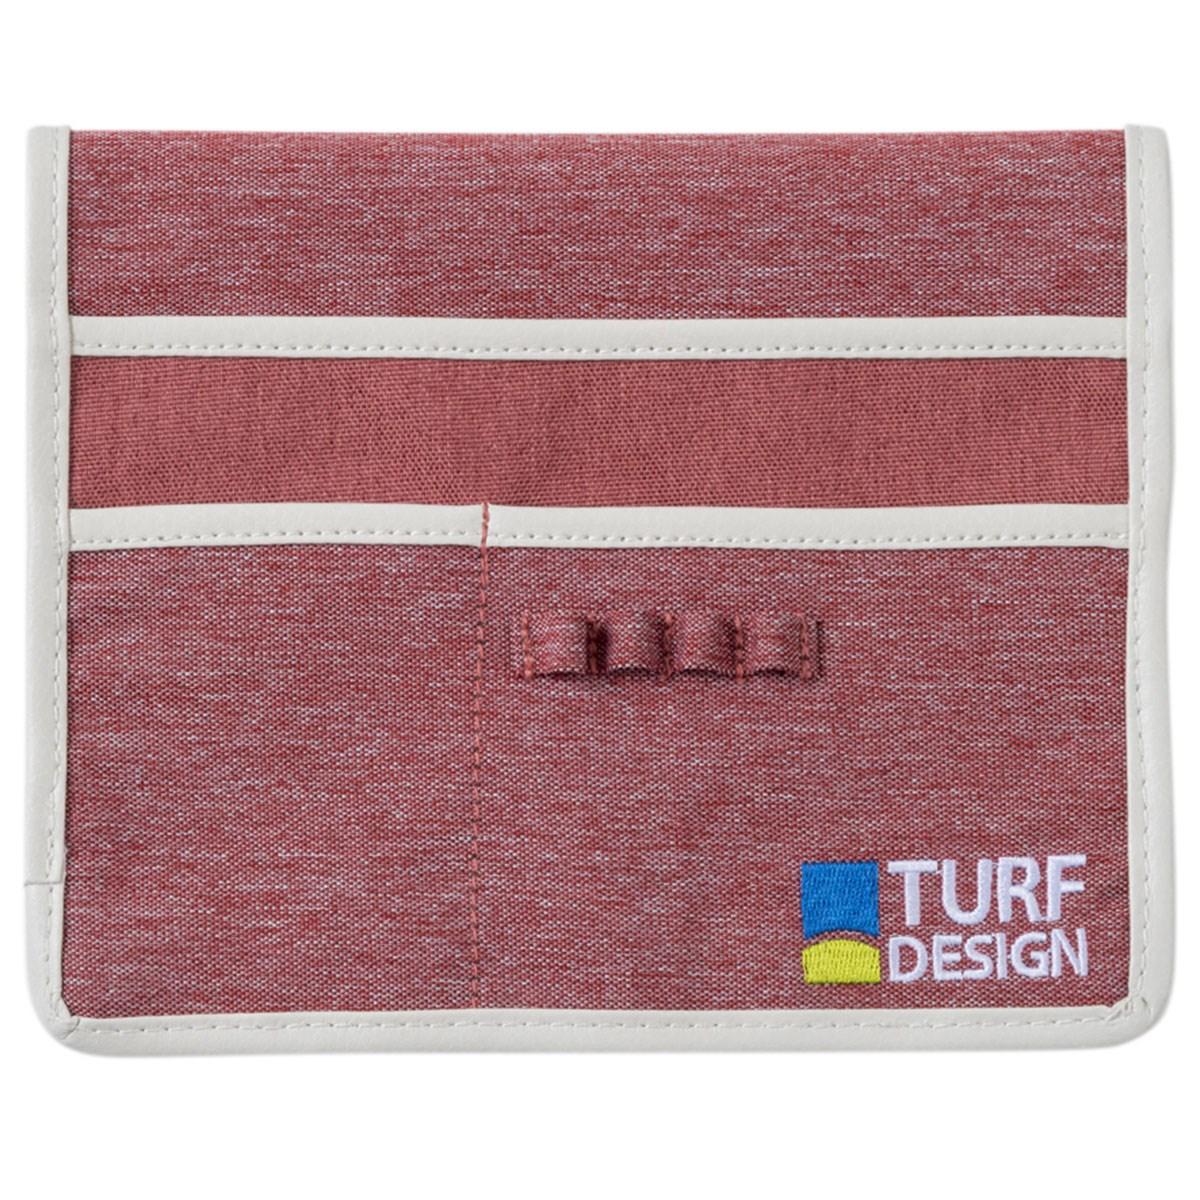 ターフデザイン カートポケット